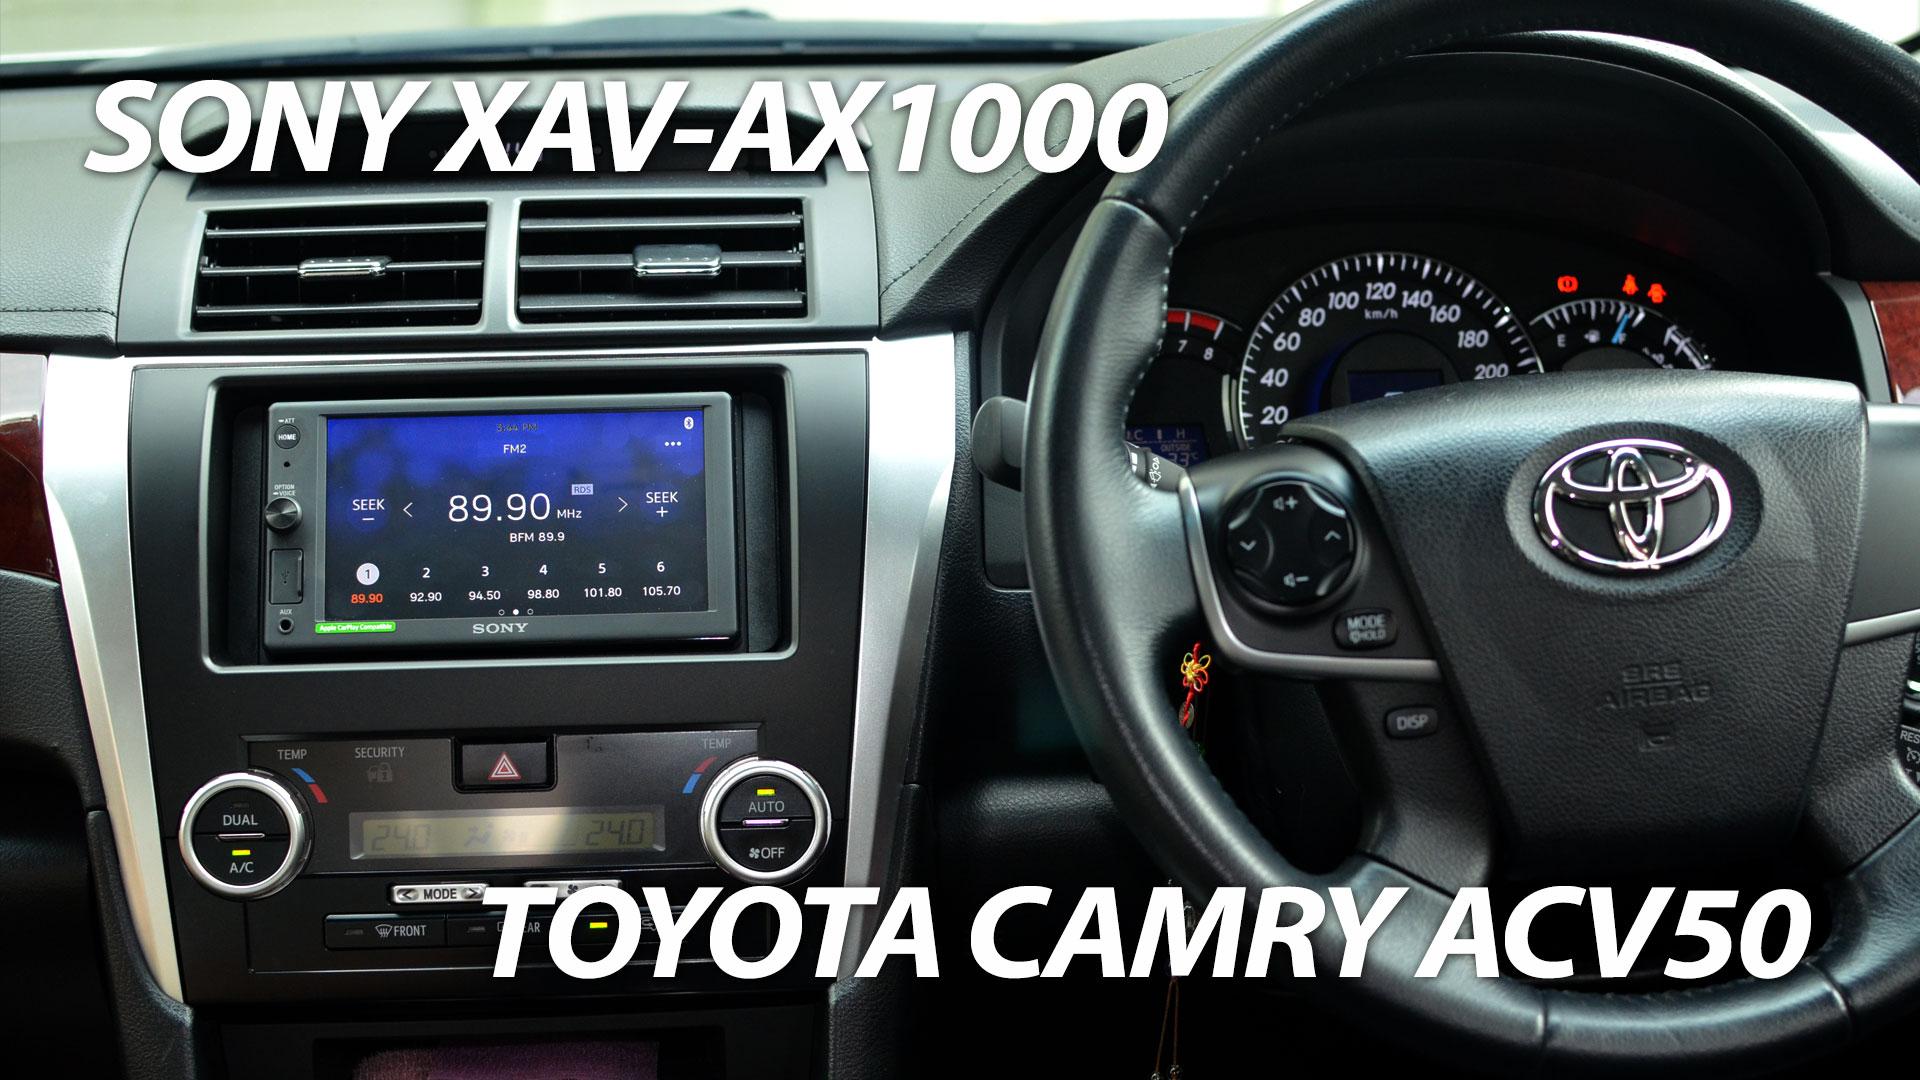 Toyota Camry ACV50 Sony XAV-AX1000 installed